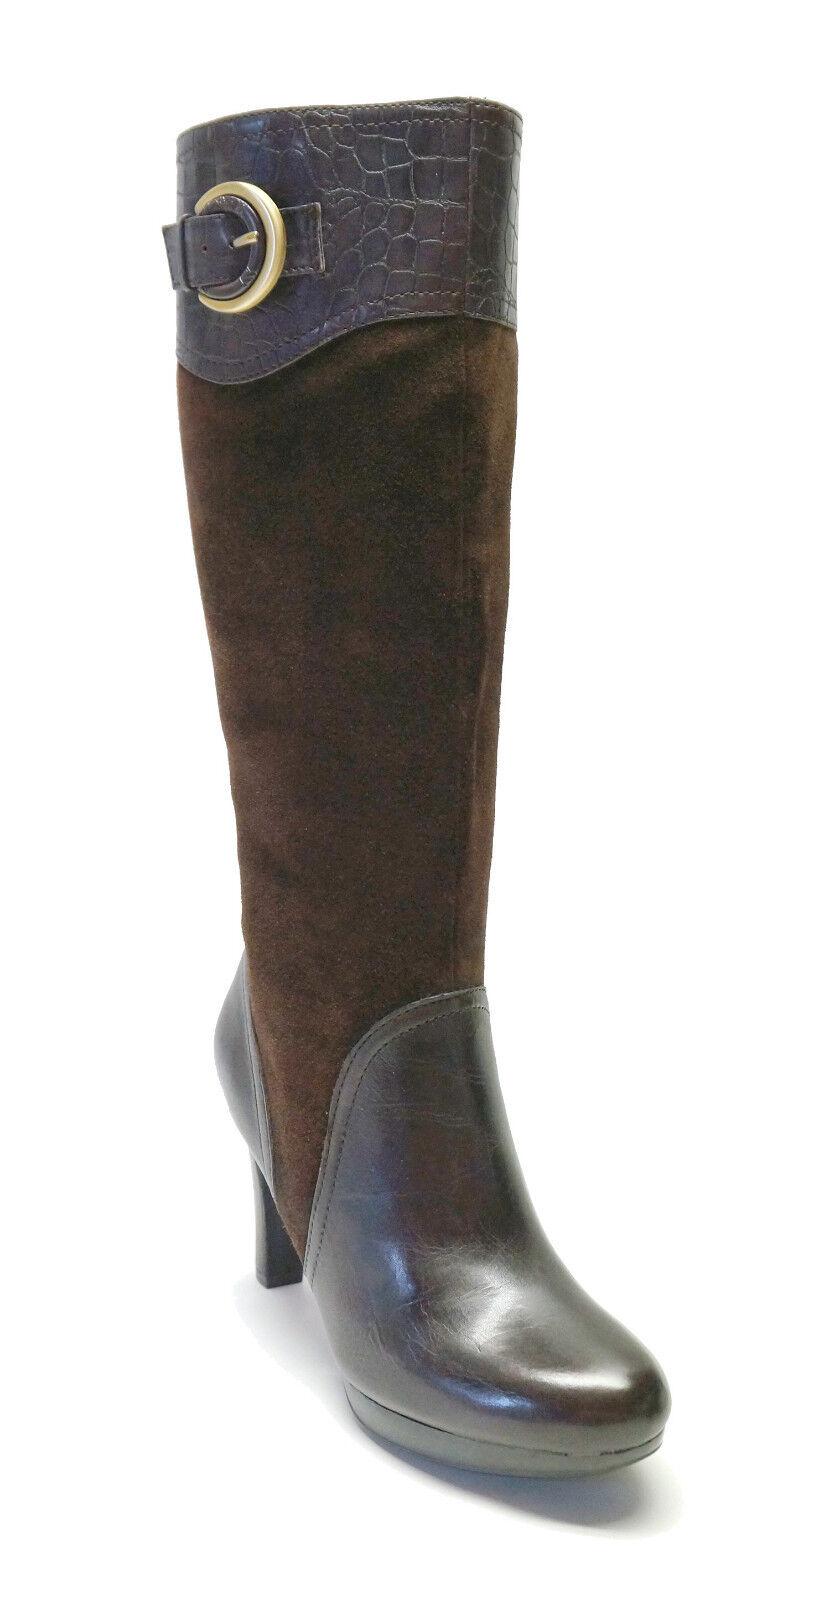 Naturalizer  189 Cuero Cuero Cuero Marrón botas Altas Ilaz para mujeres Zapatos  Sin impuestos